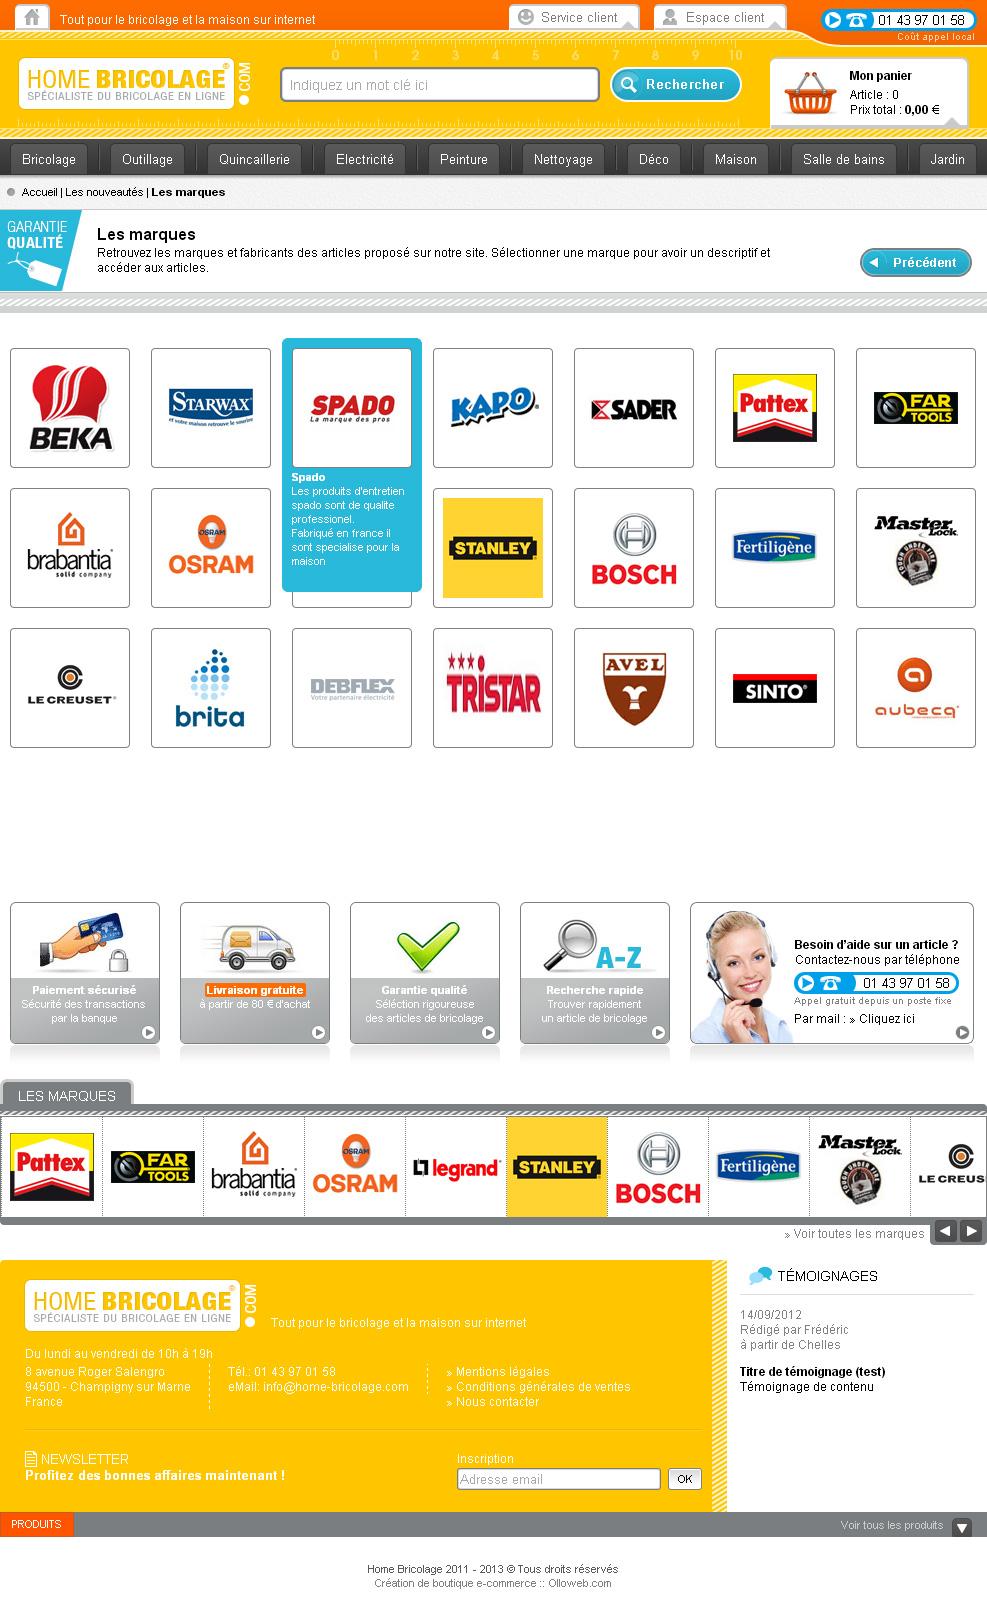 Cration d 39 un site e commerce de vente d 39 article de bricolage crati - Site vente bricolage ...